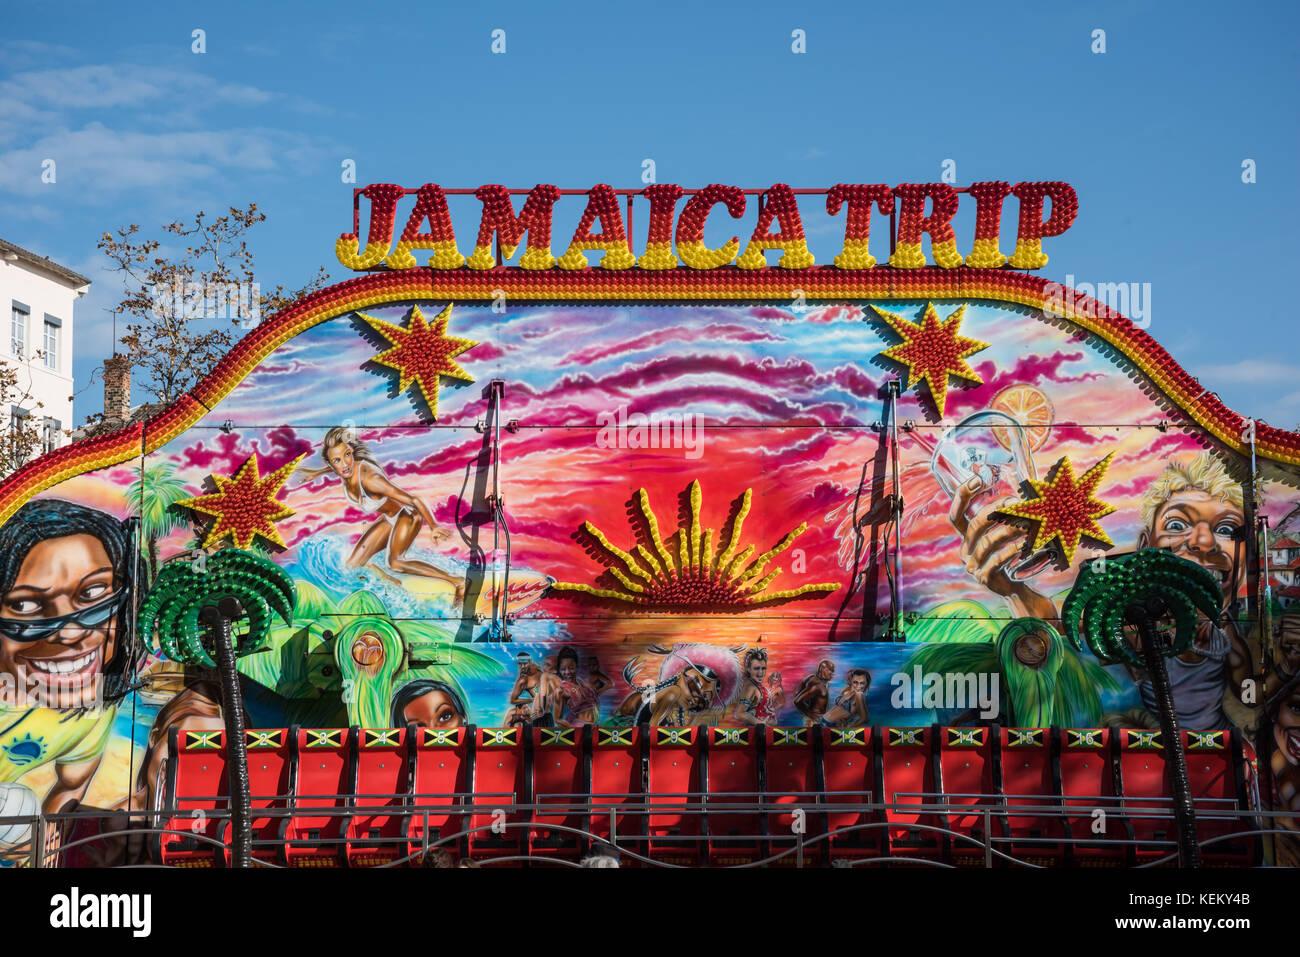 Symbolfoto jamaicakoalition Stockbild